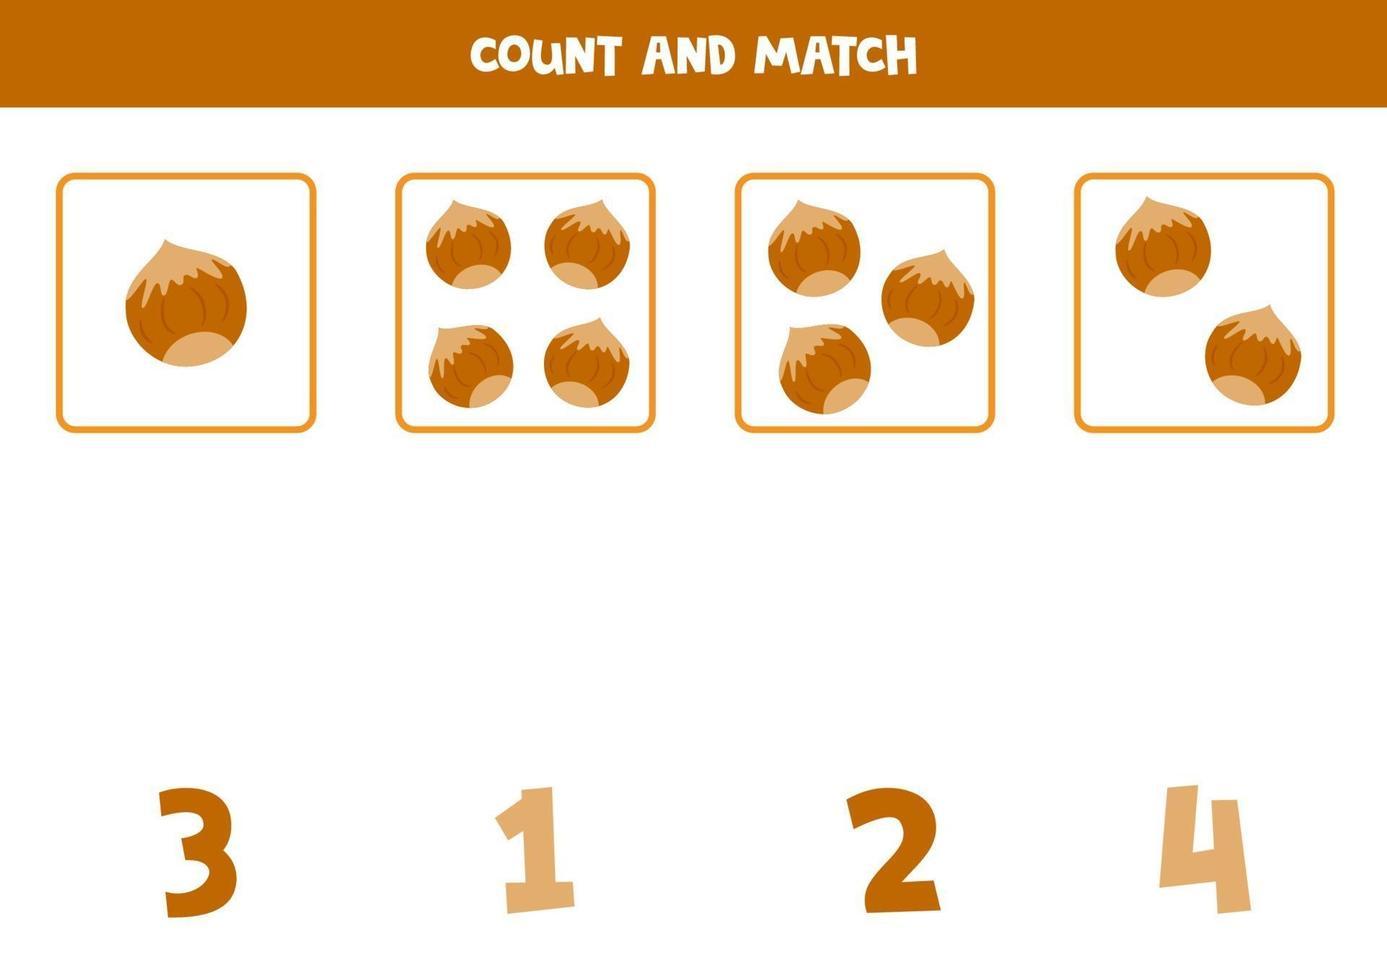 räkna spel med tecknade nötter. pedagogiskt matematikspel för barn. vektor